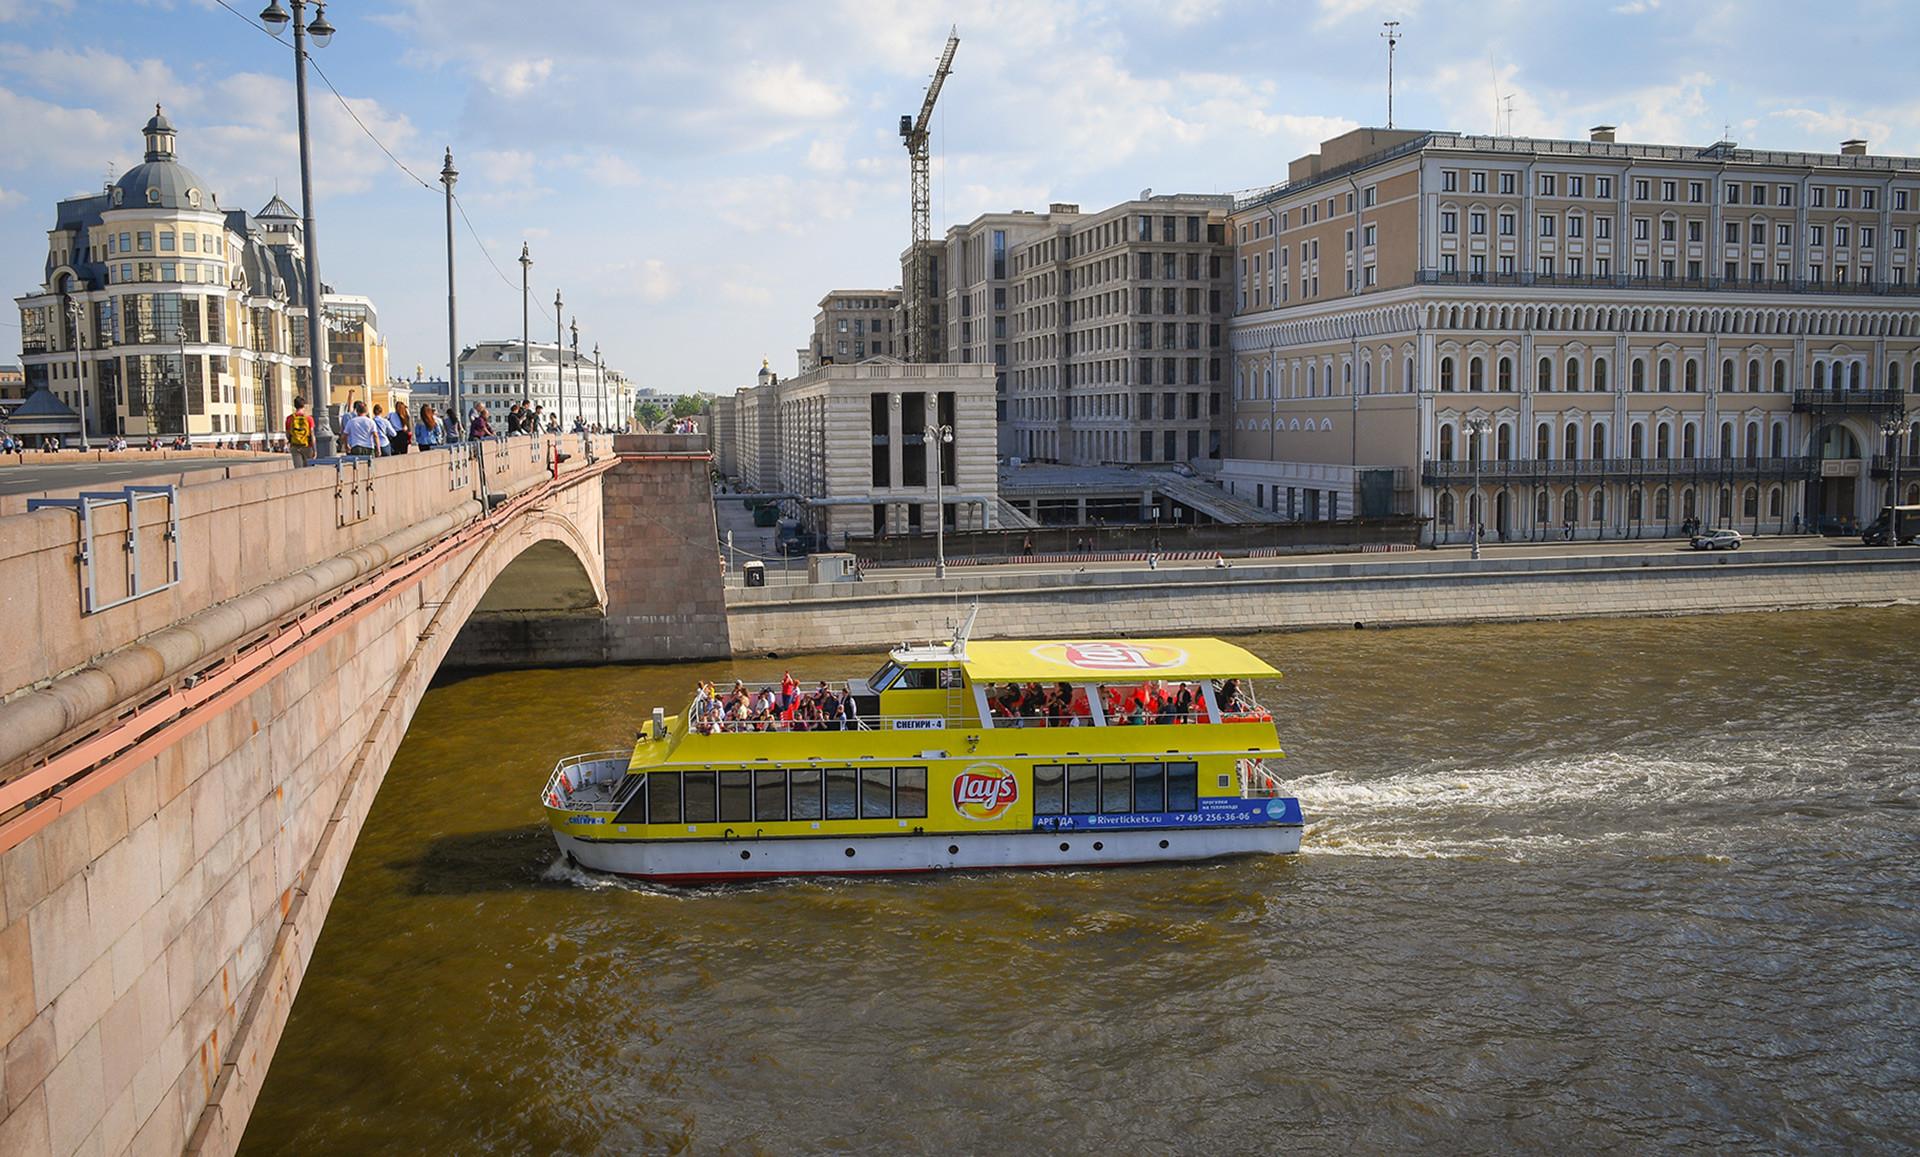 Croisière sur la rivière Moskva: petit guide des excursions en bateau dans la capitale russe